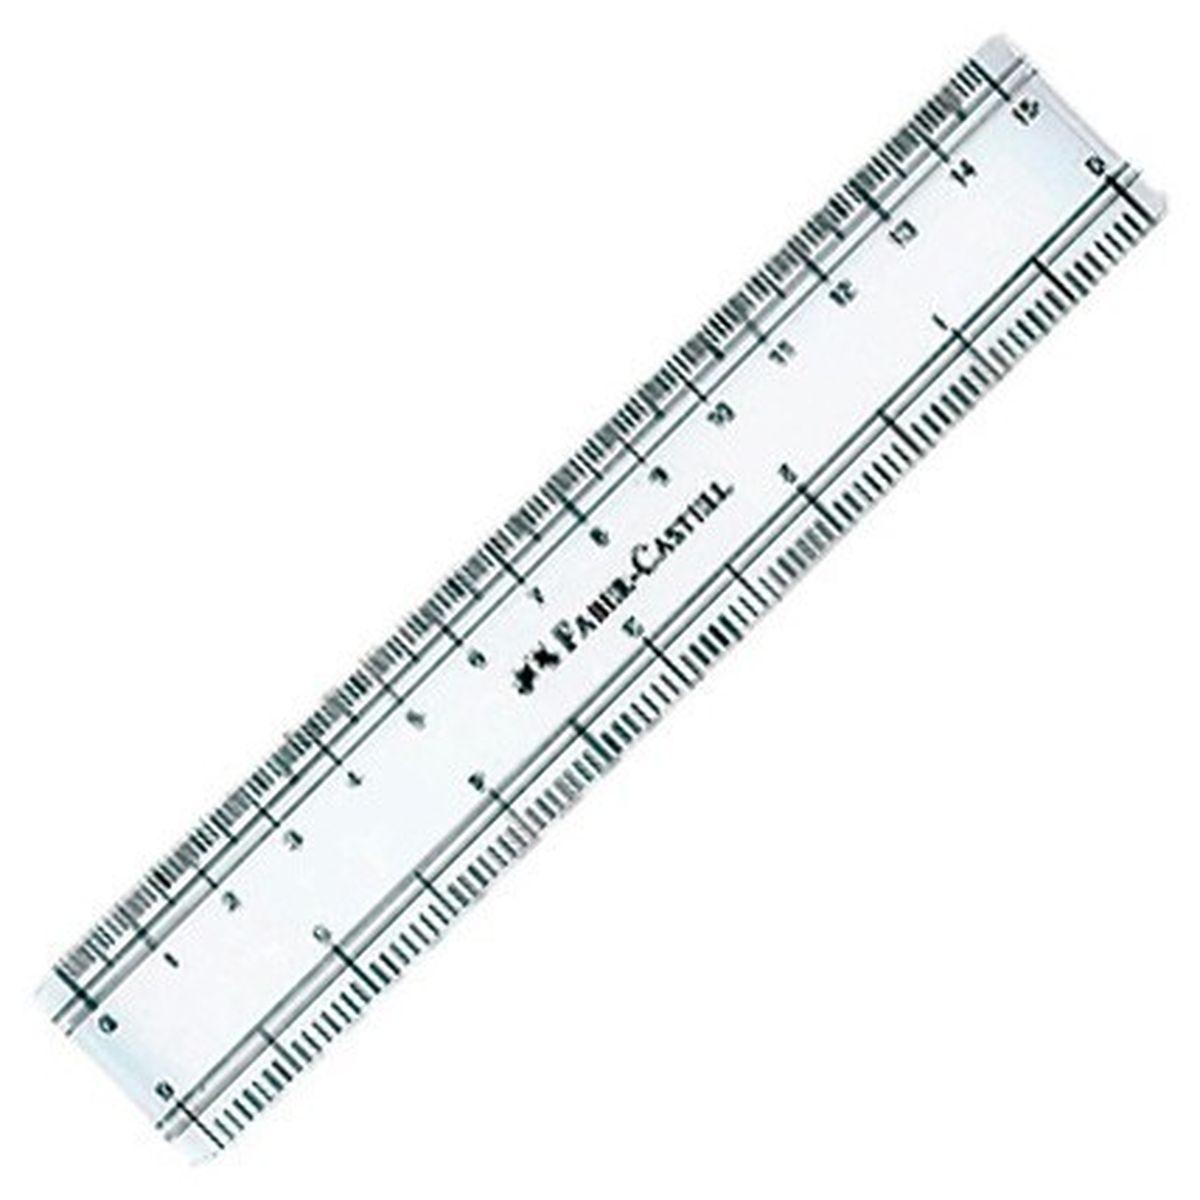 Faber-Castell Линейка 15 см170640Линейка Faber-Castell настолько прочная и удобная, что прекрасно подойдет как для школьного технического черчения, так и для более профессиональных измерительных или чертёжных работ. Изделие выполнено из качественного прозрачного пластика и имеет закругленные углы. Длина линейки -15 см.